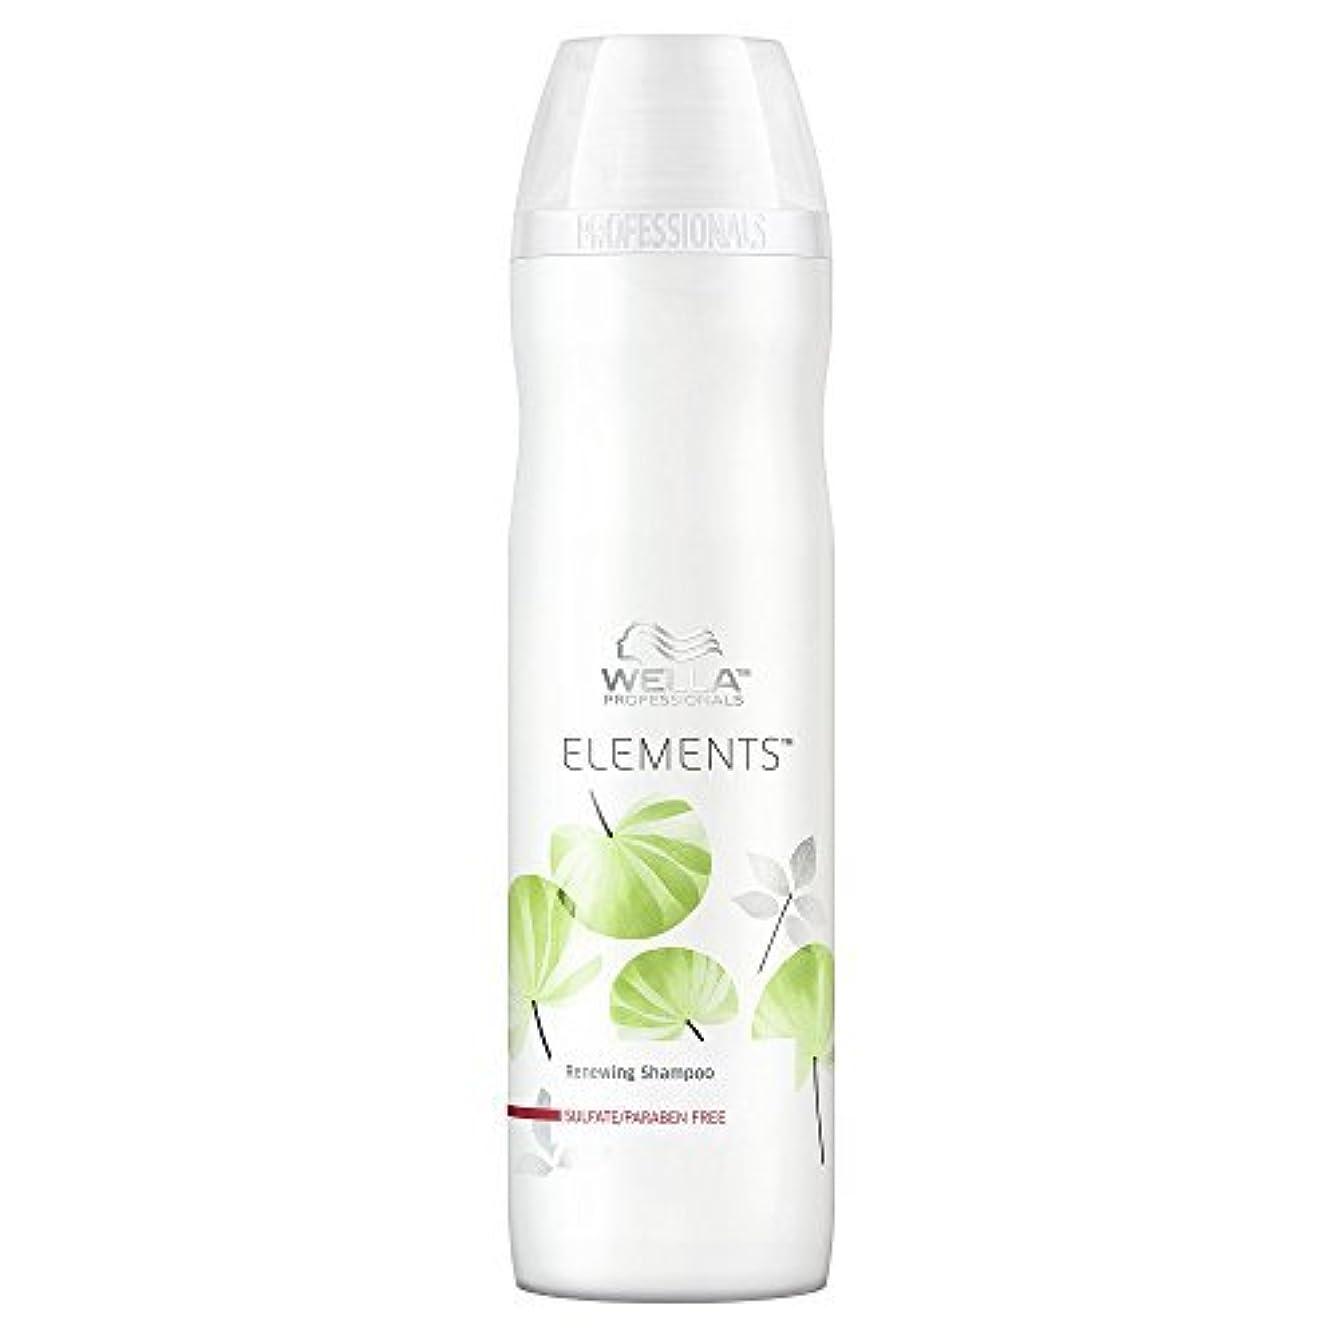 結婚するカレンダーブレーキWella Elements Renewing Shampoo 8.45 oz / 250 ml sulfate paraben free by Wella [並行輸入品]